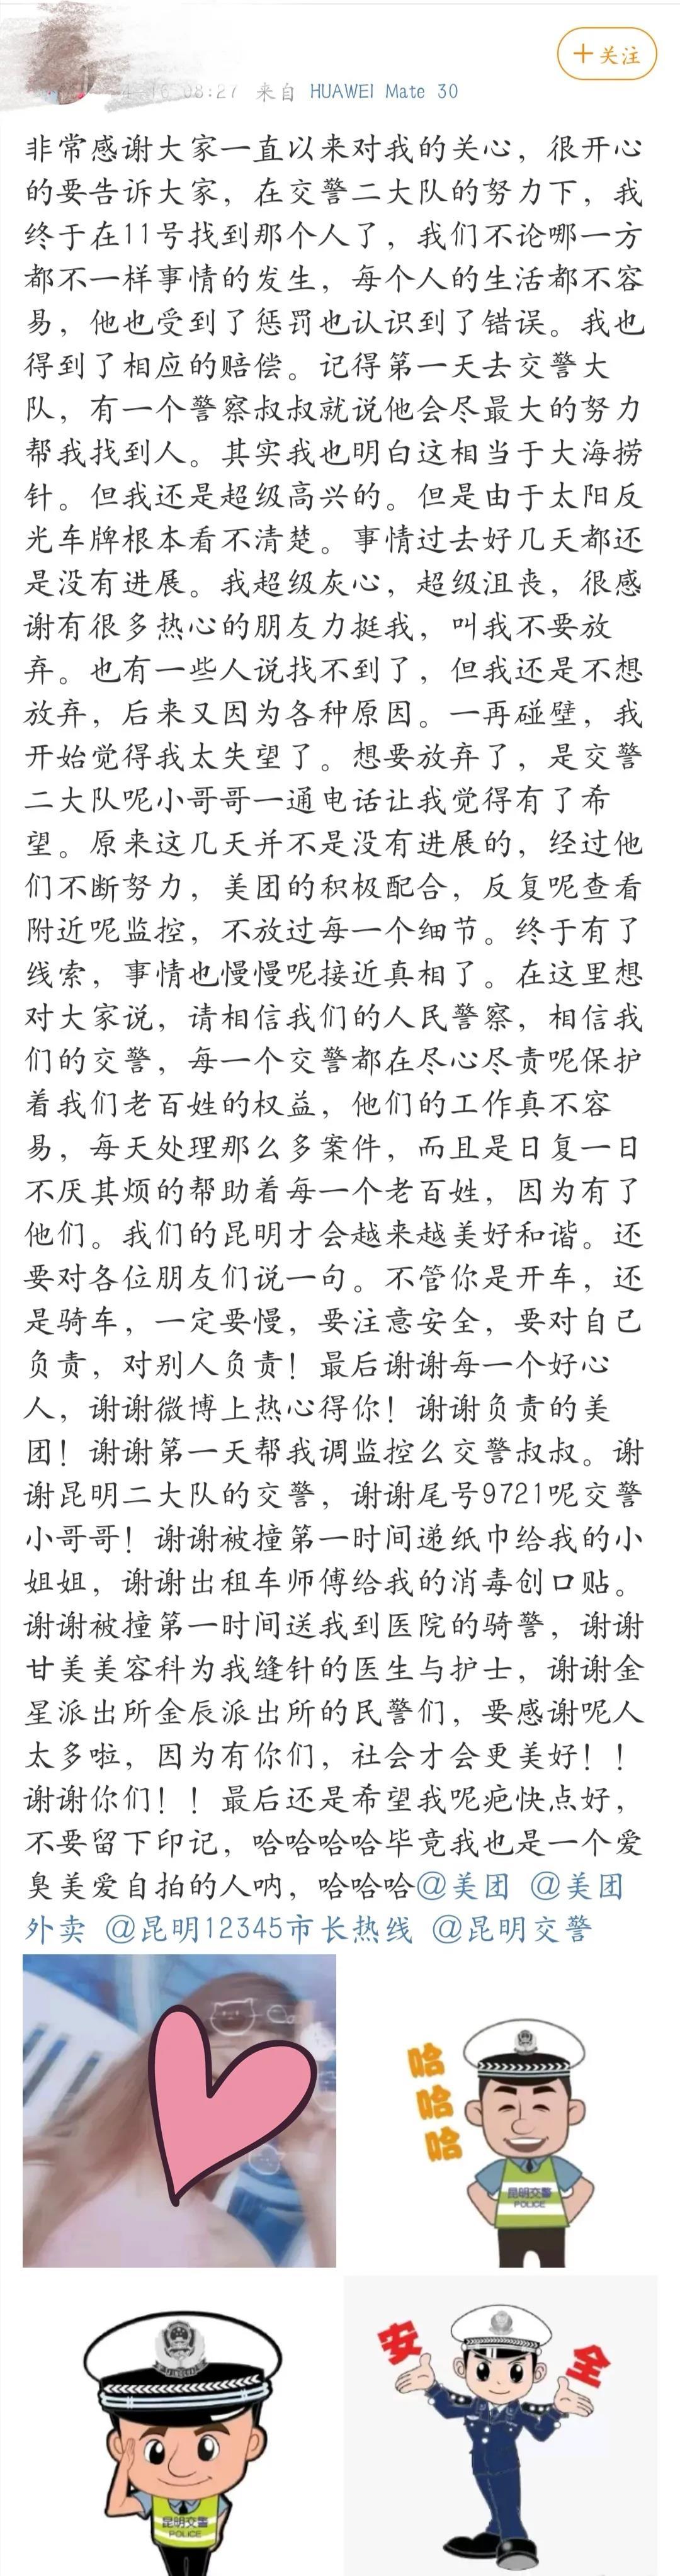 """男子骑电动车撞人后逃逸,昆明交警""""大海捞针""""将其抓获(昆明警方供图)"""